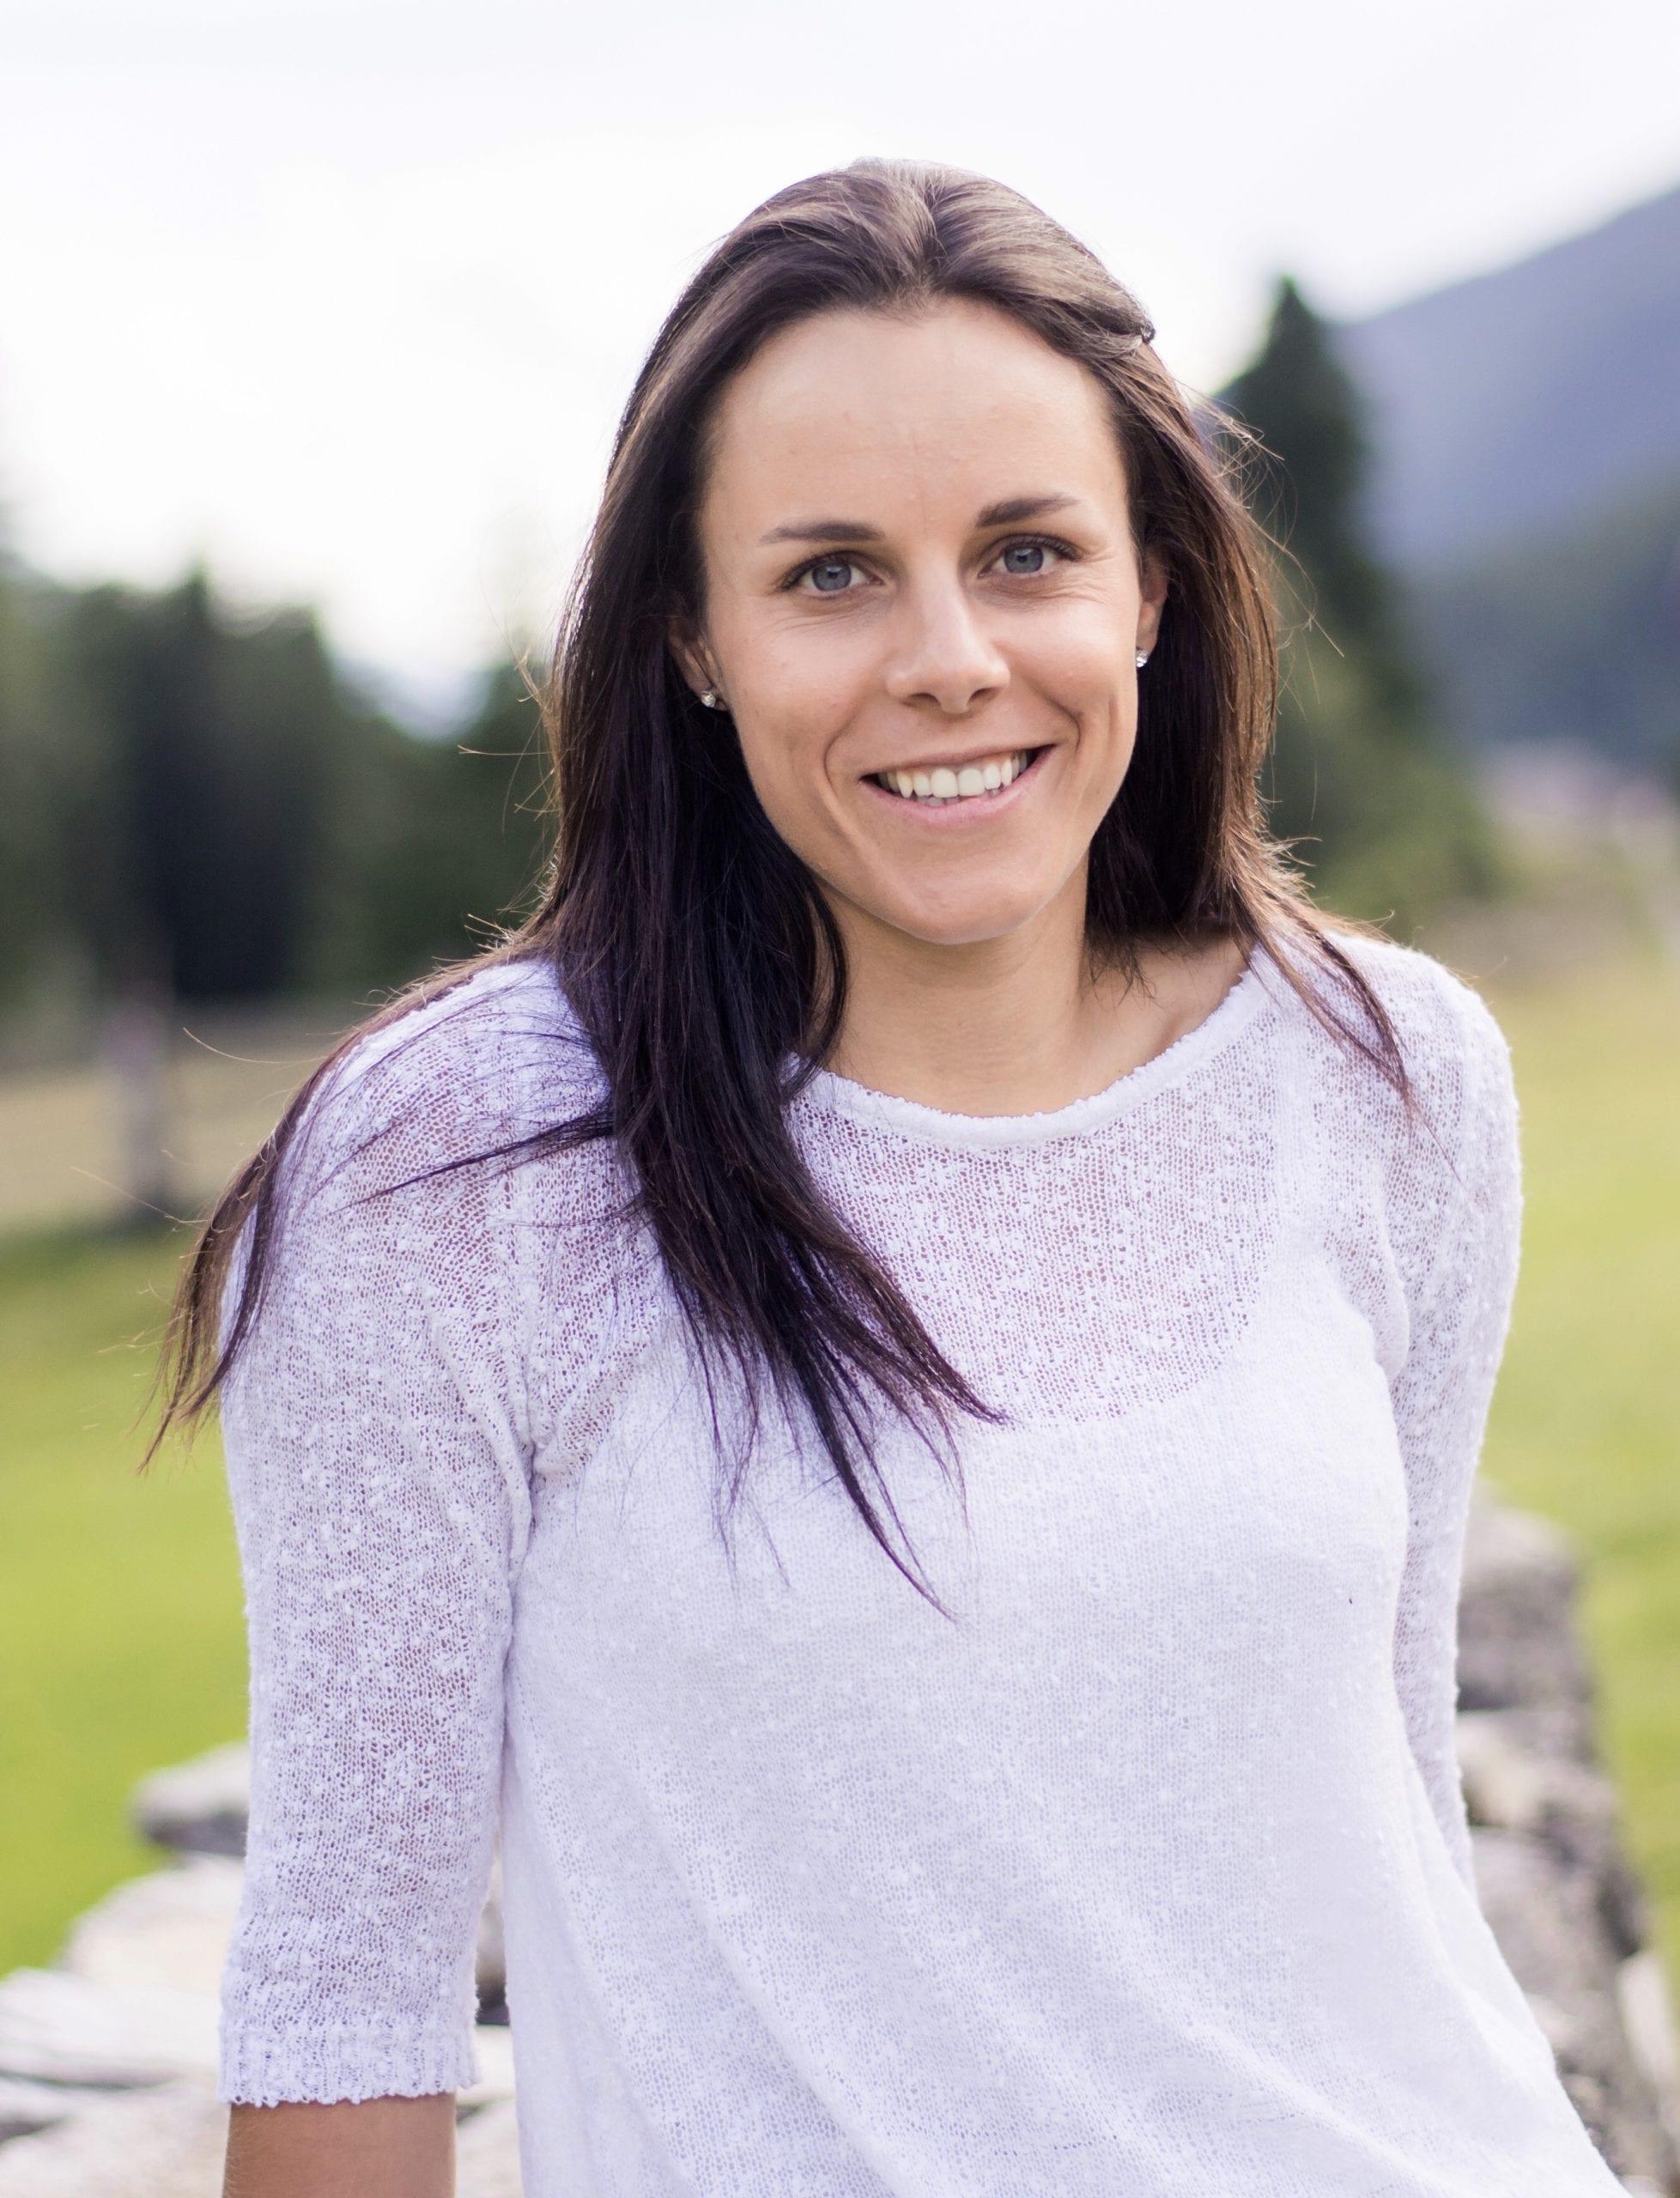 Foto von Anna Hofer - Ski-Rennläuferin aus dem Ahrntal / Südtirol